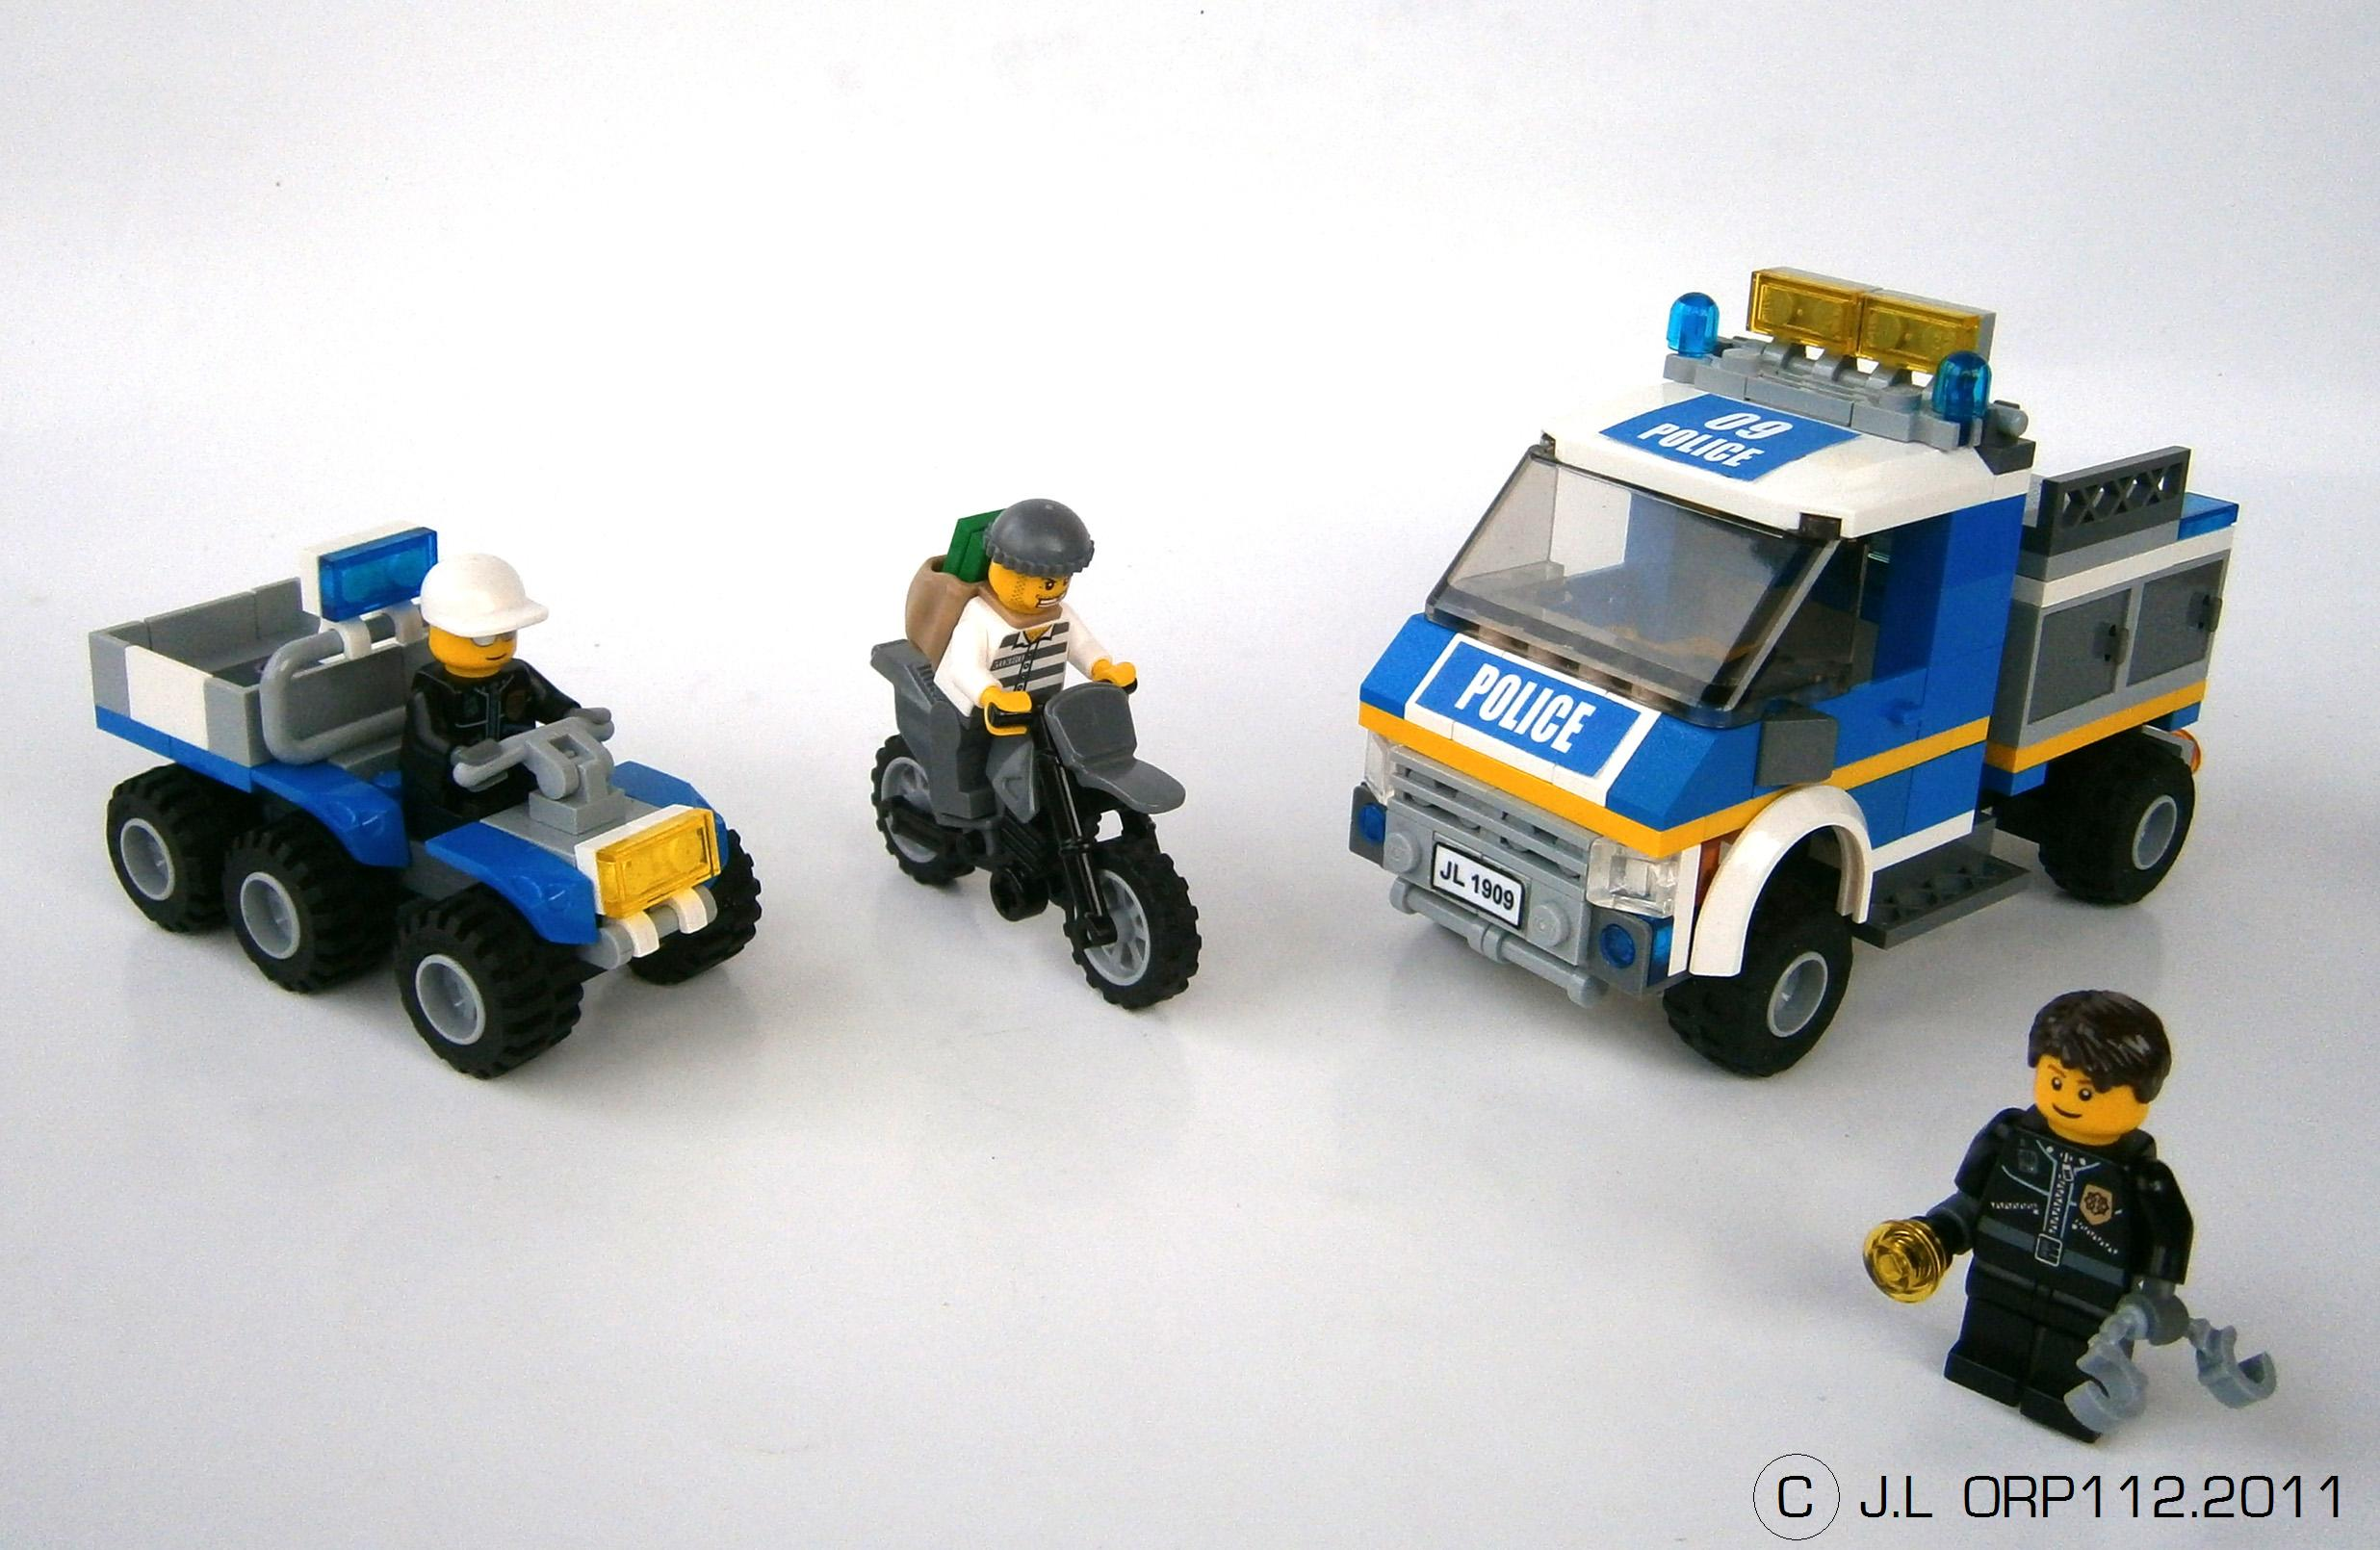 V hicules city s rie 1 freelug - Camion de police lego city ...